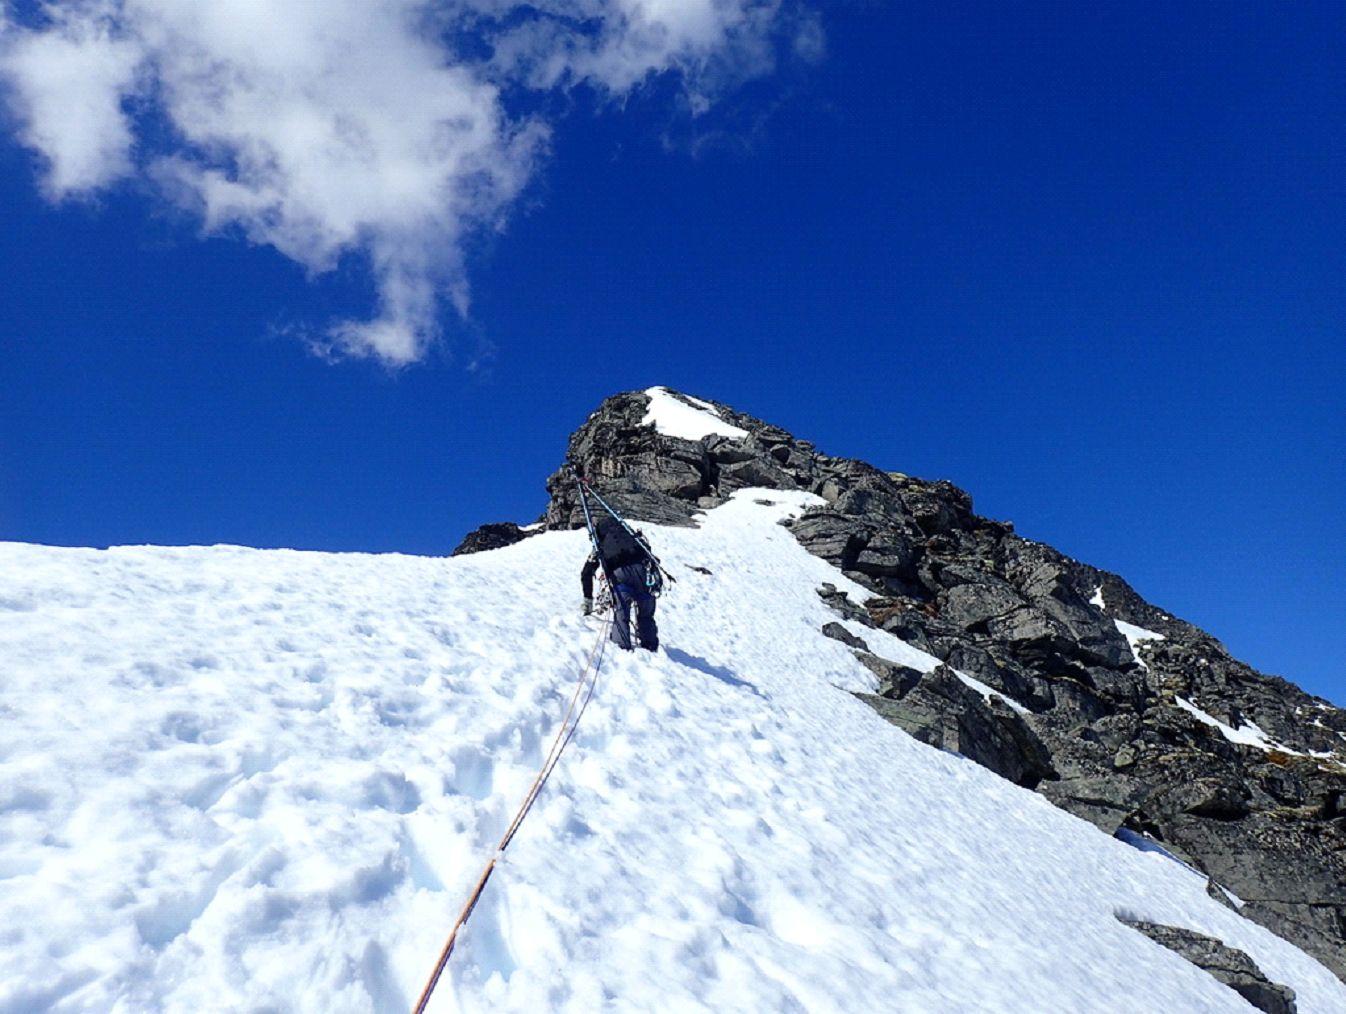 Alpin Vintertopptur I Innerdalen Todalen Avlyst Turer Og